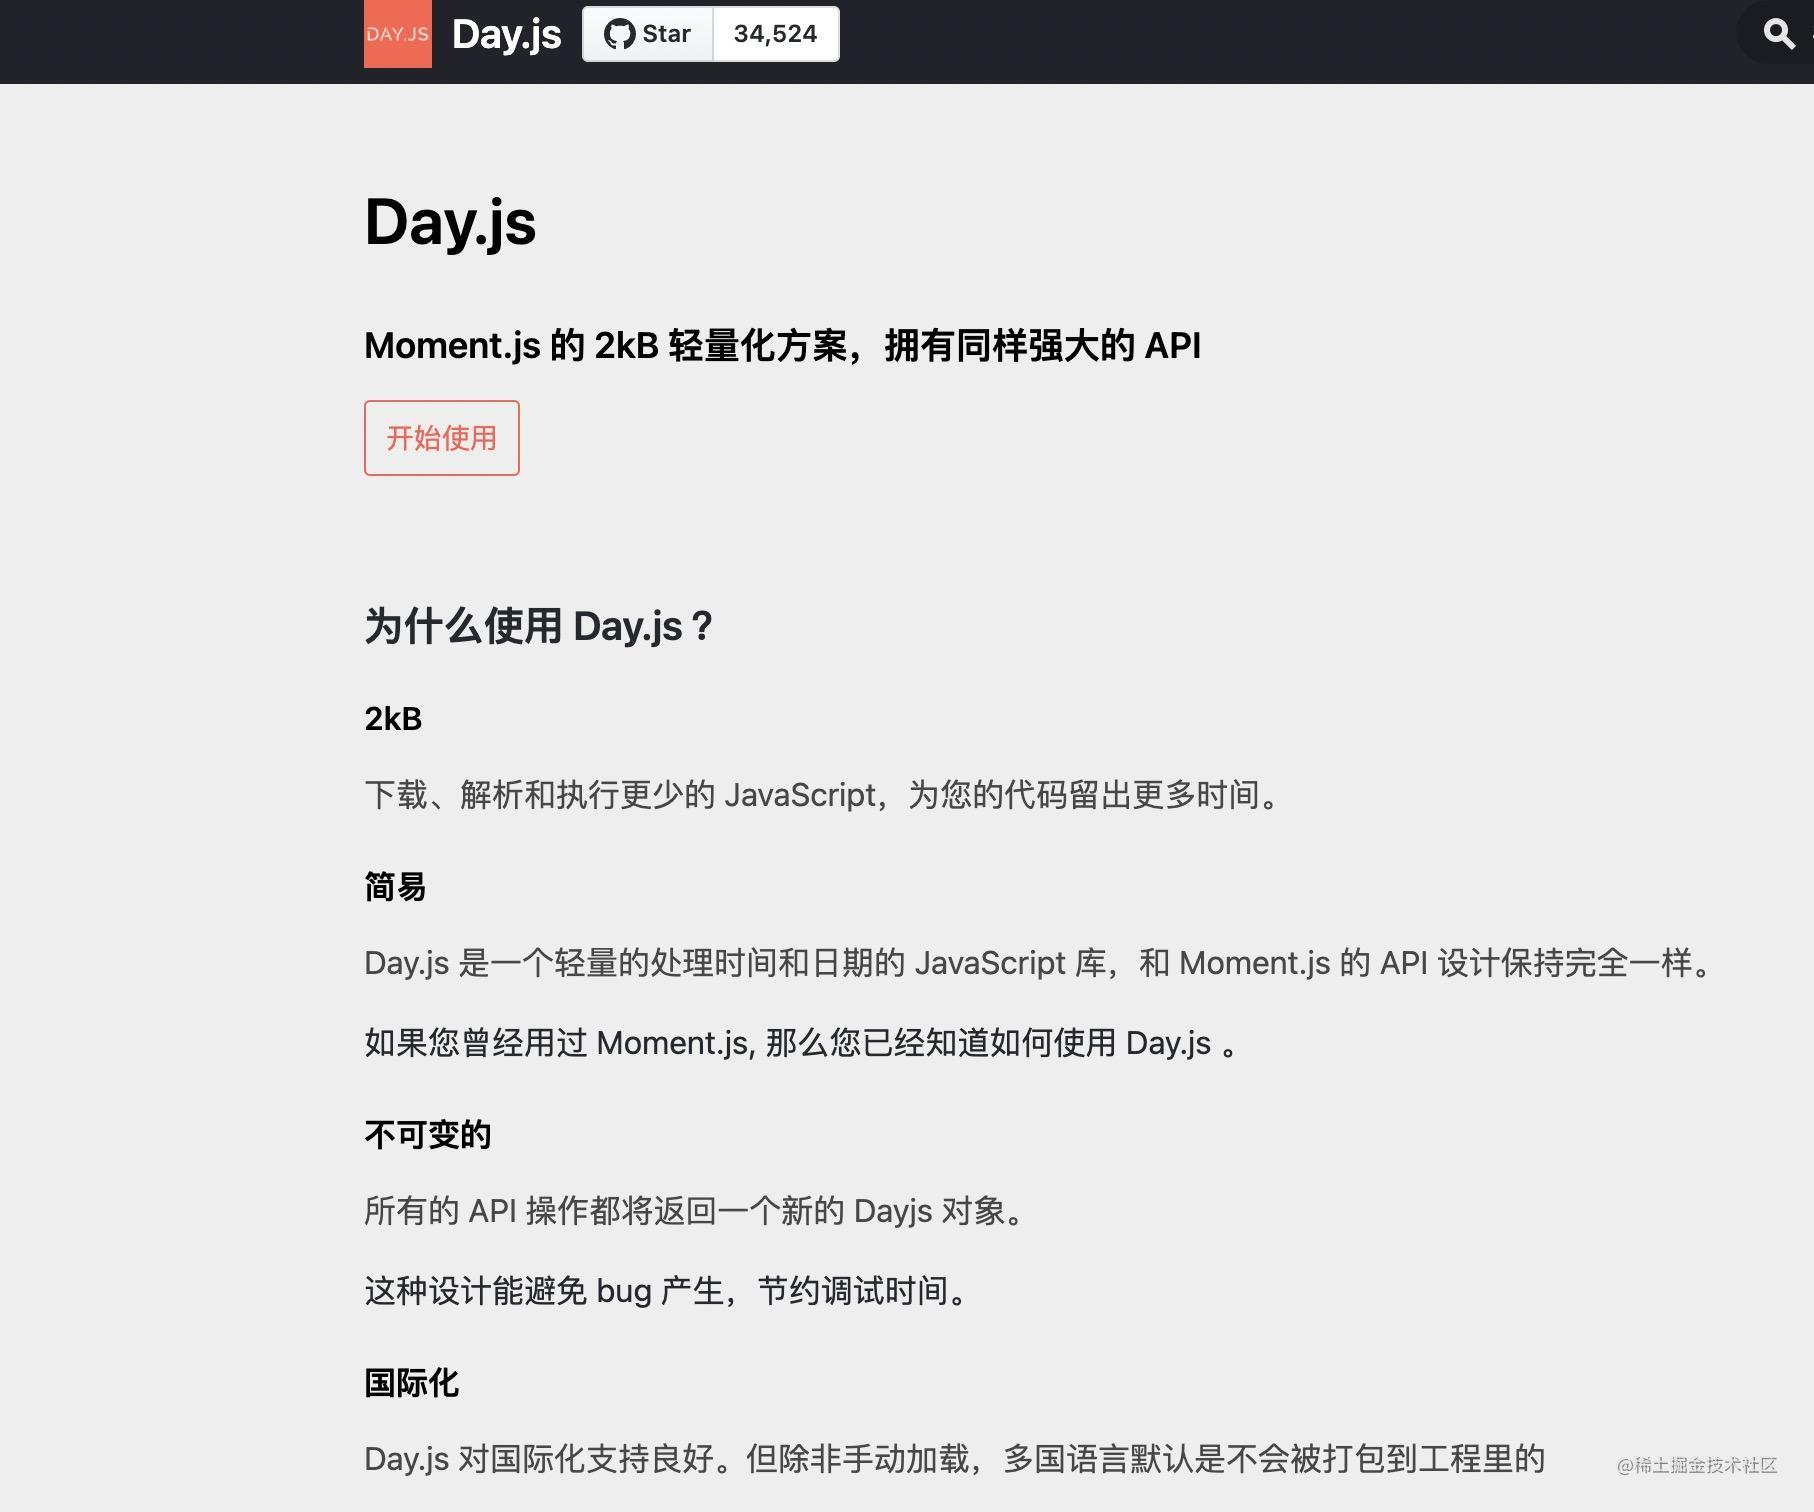 dayJS-office